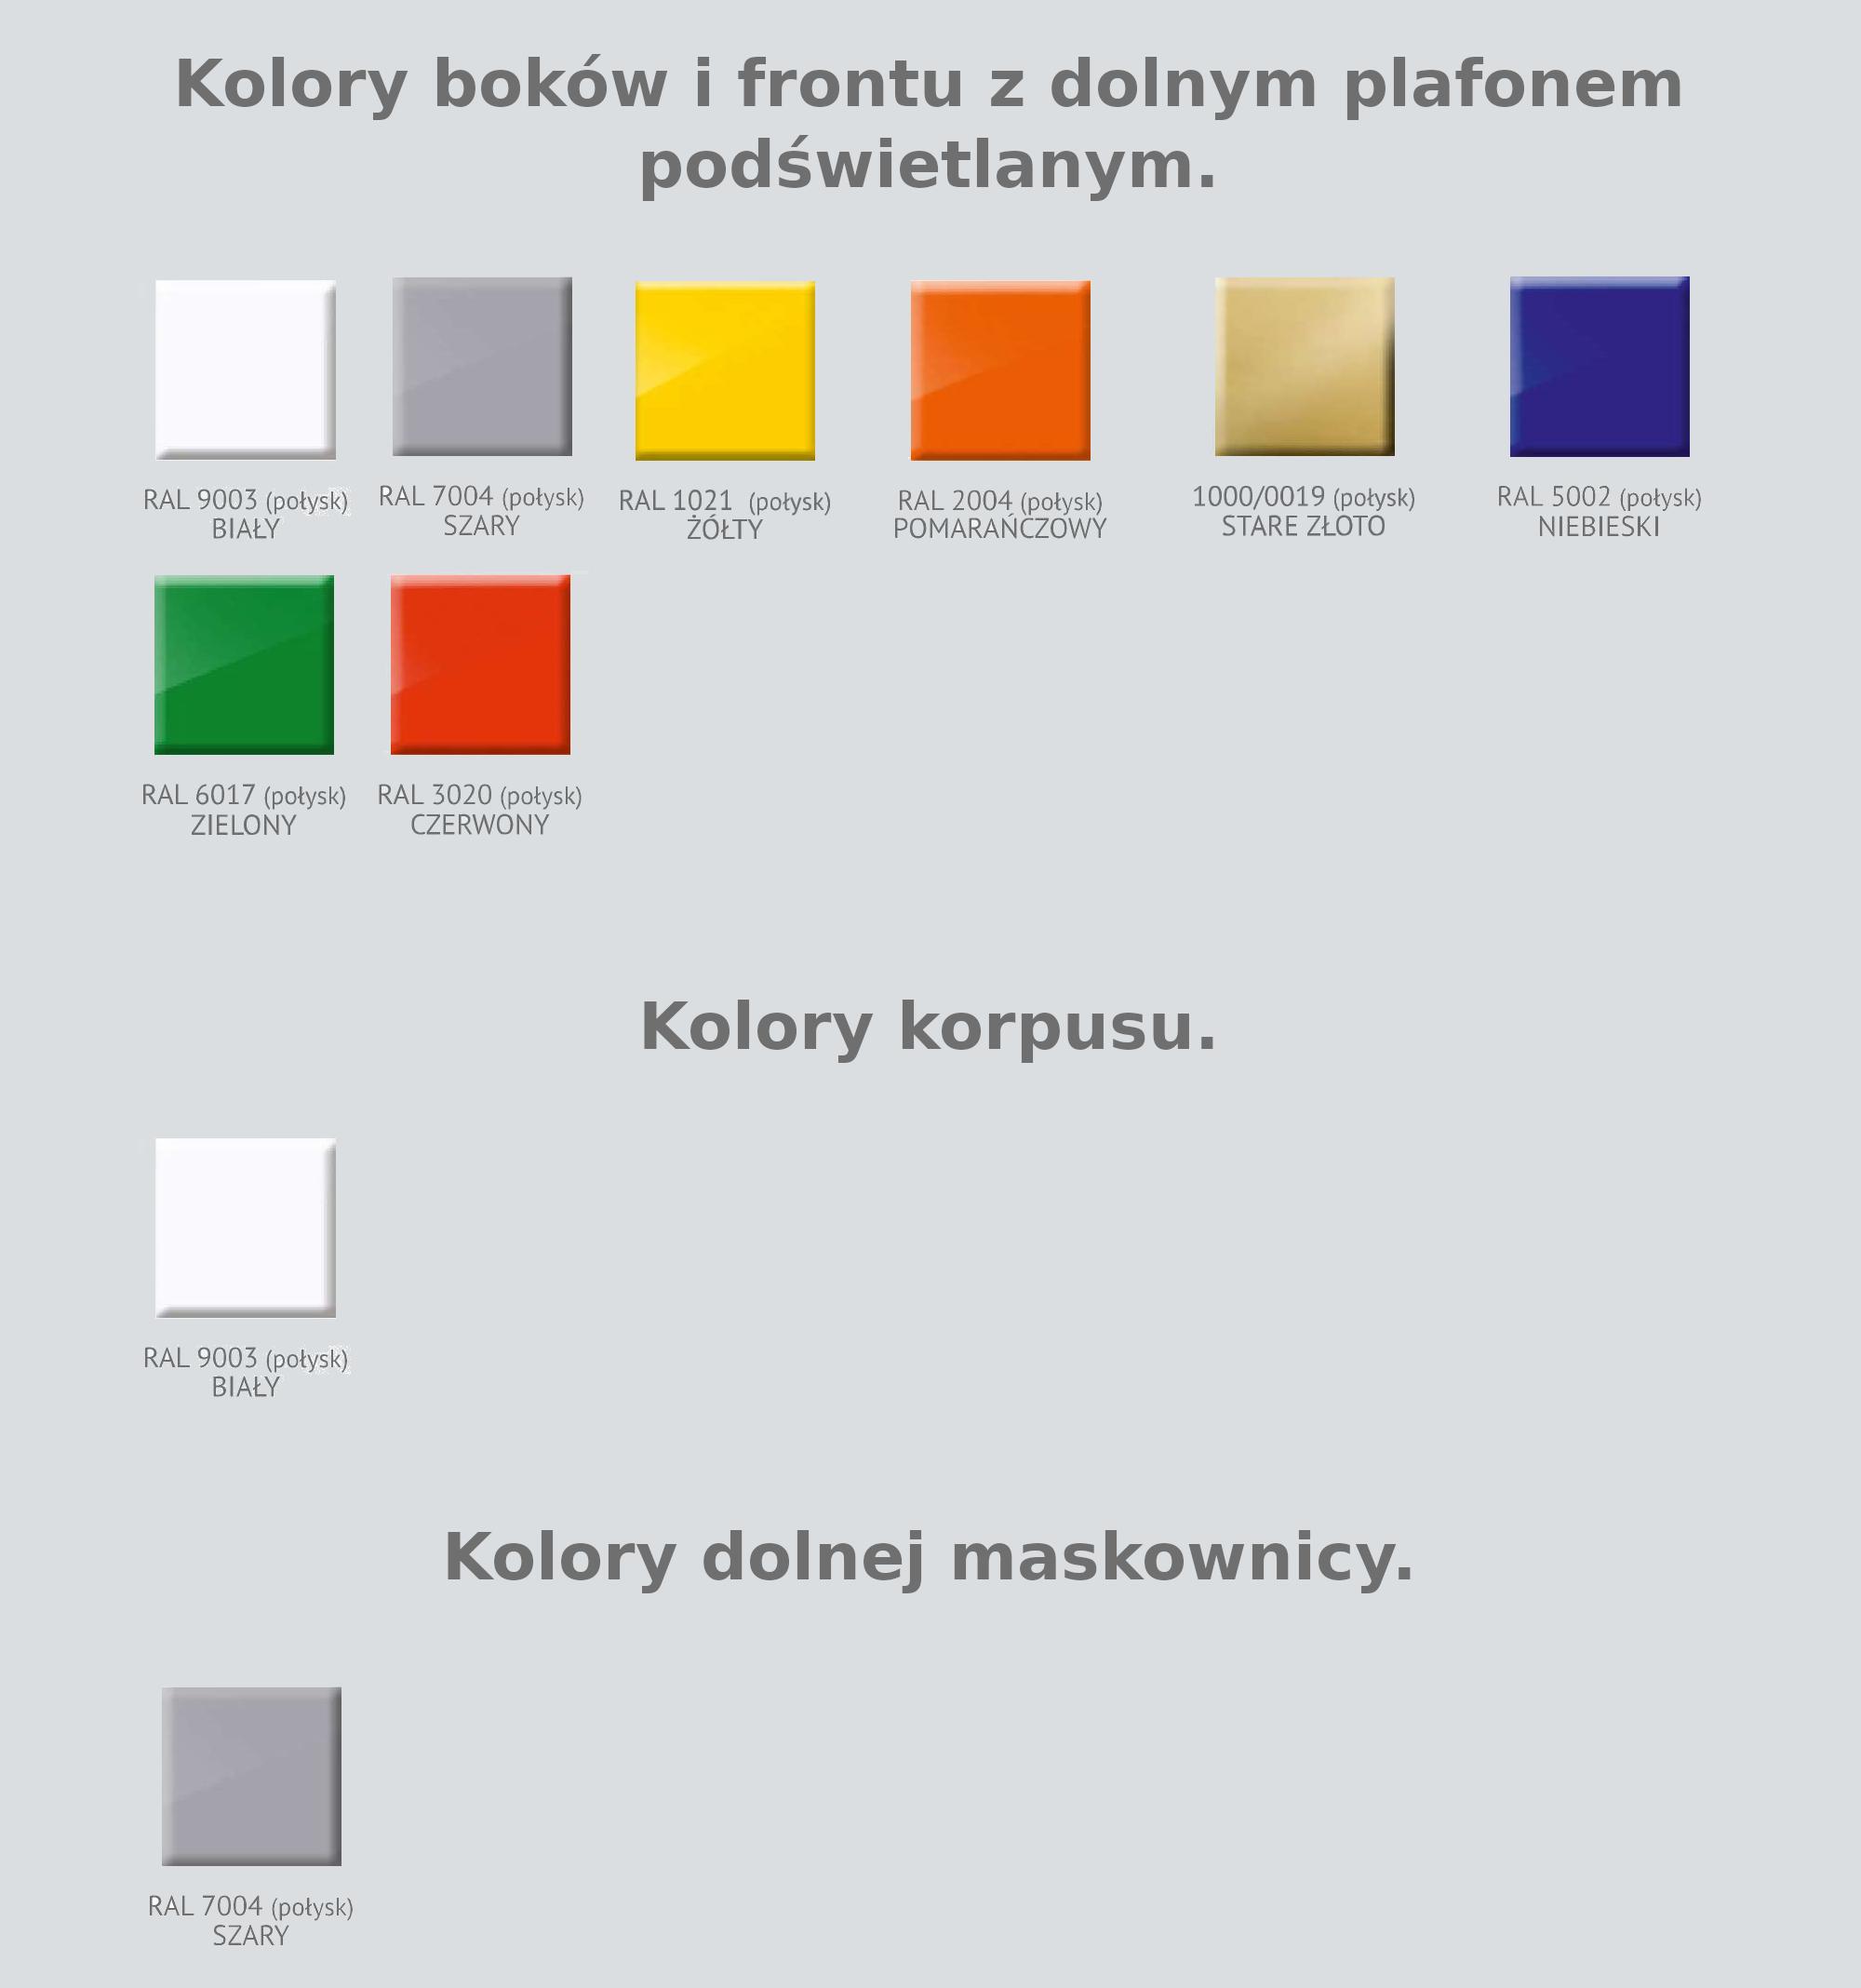 kolorysty_rapa_7.jpg